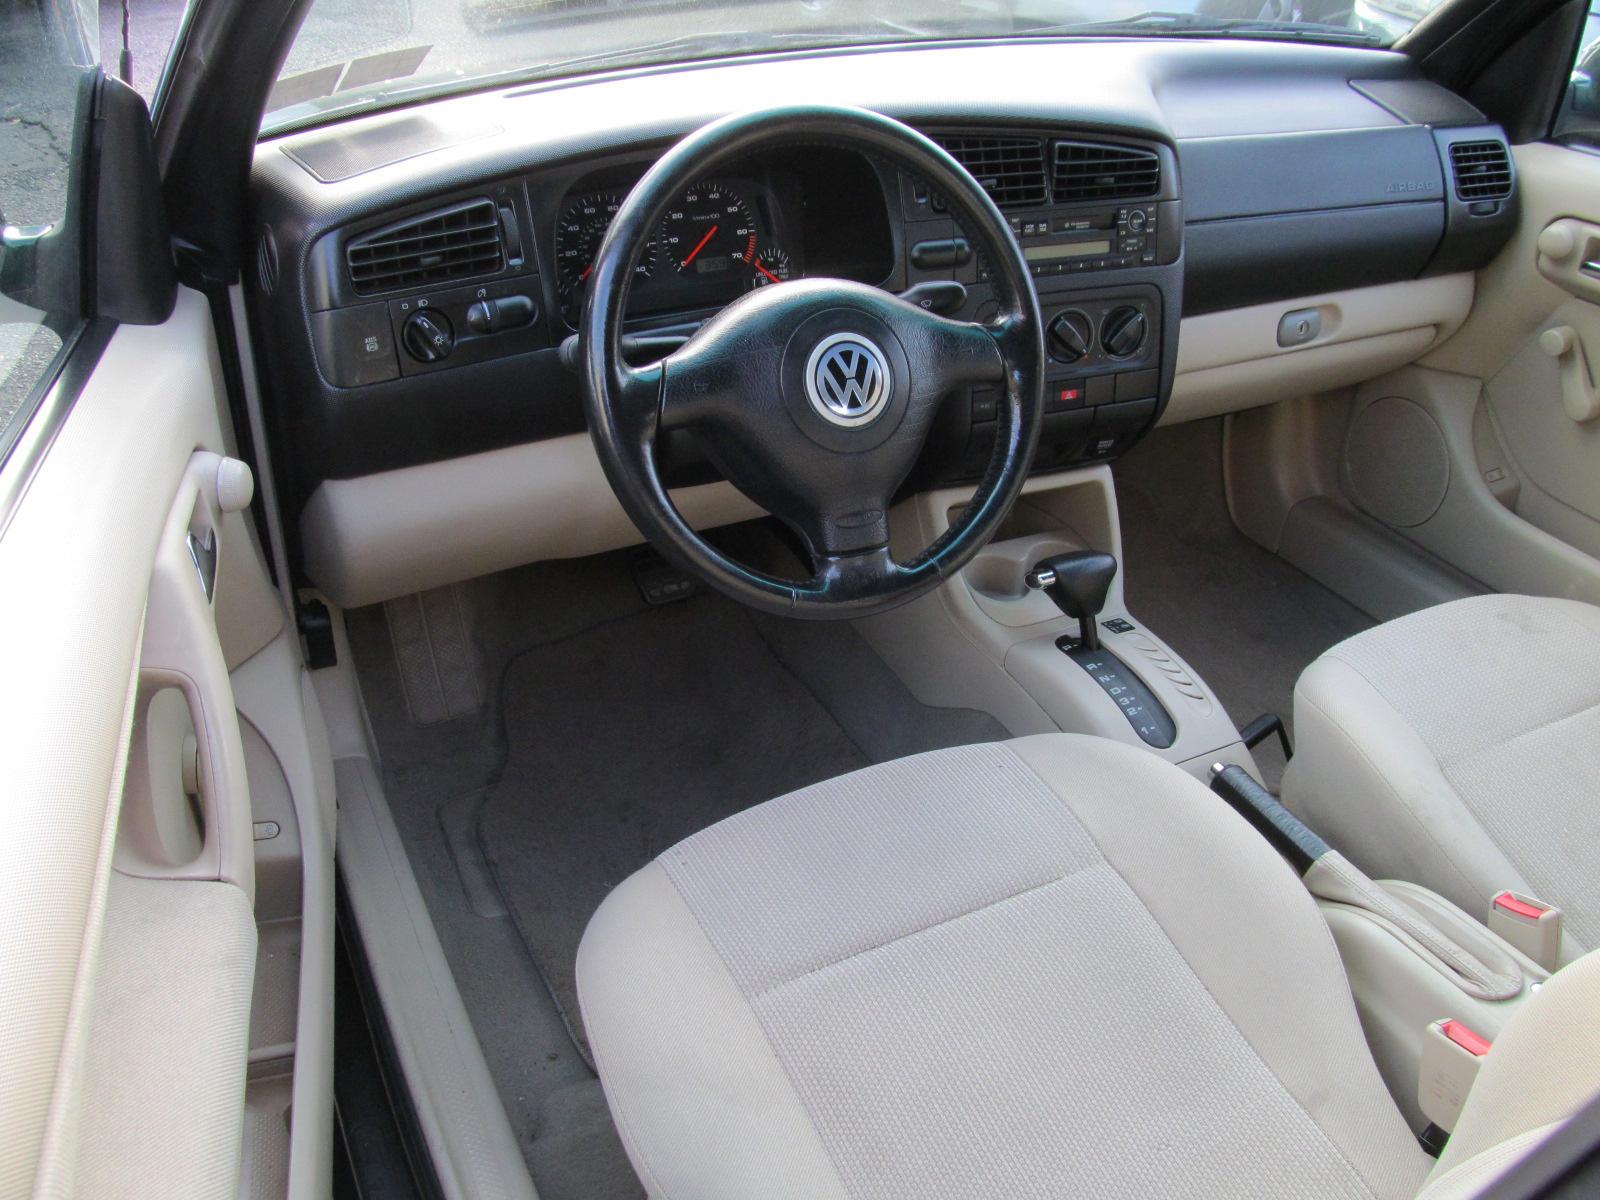 volkswagen cabrio interior pictures cargurus